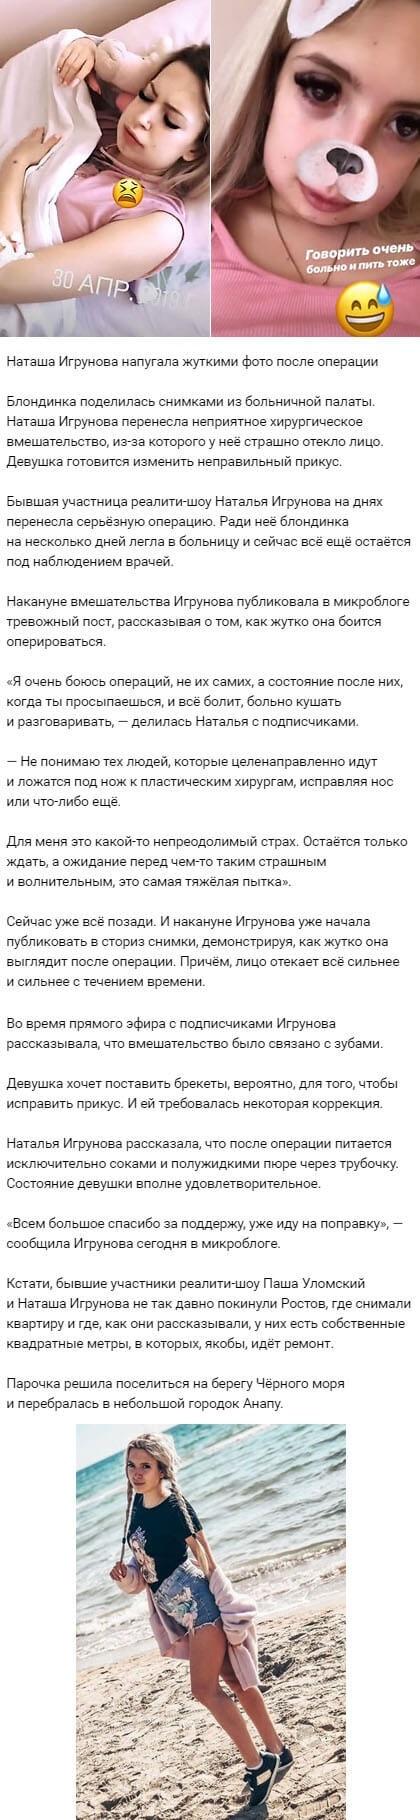 Наталья Игрунова шокировала снимками после повторной операции